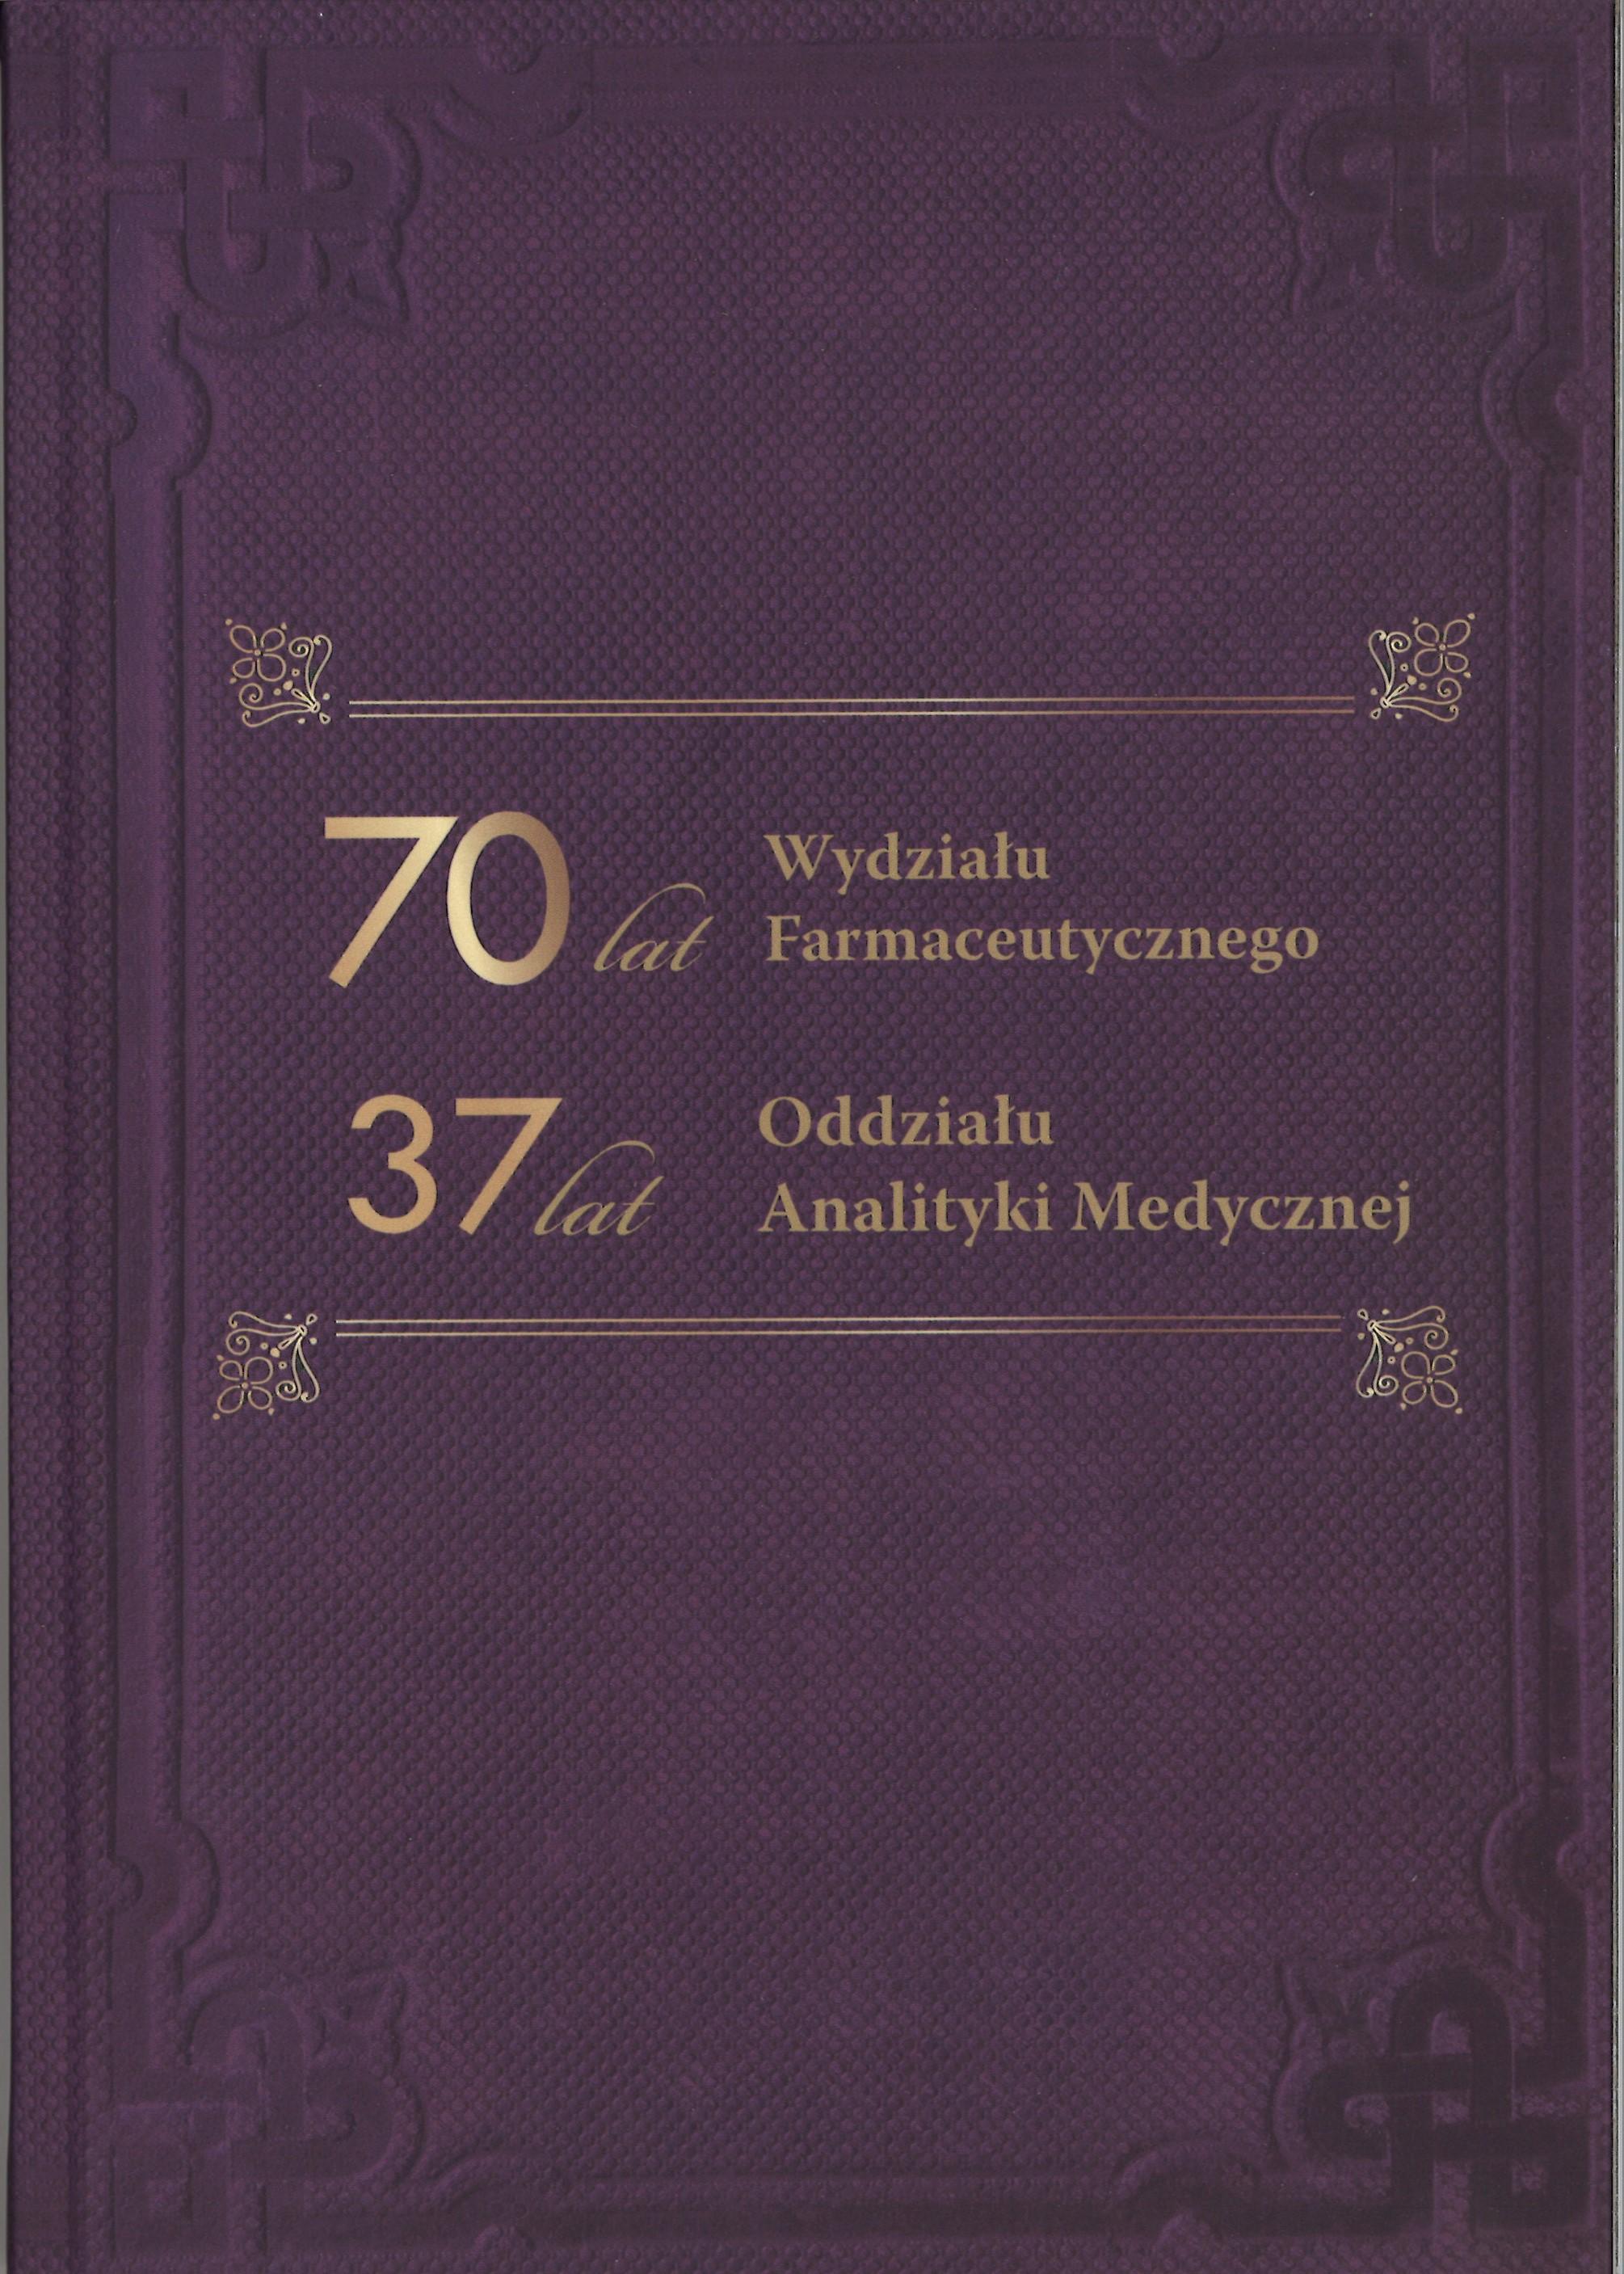 70 lat Wydziału Farmaceutycznego. 37 lat Oddziału Analityki Medycznej